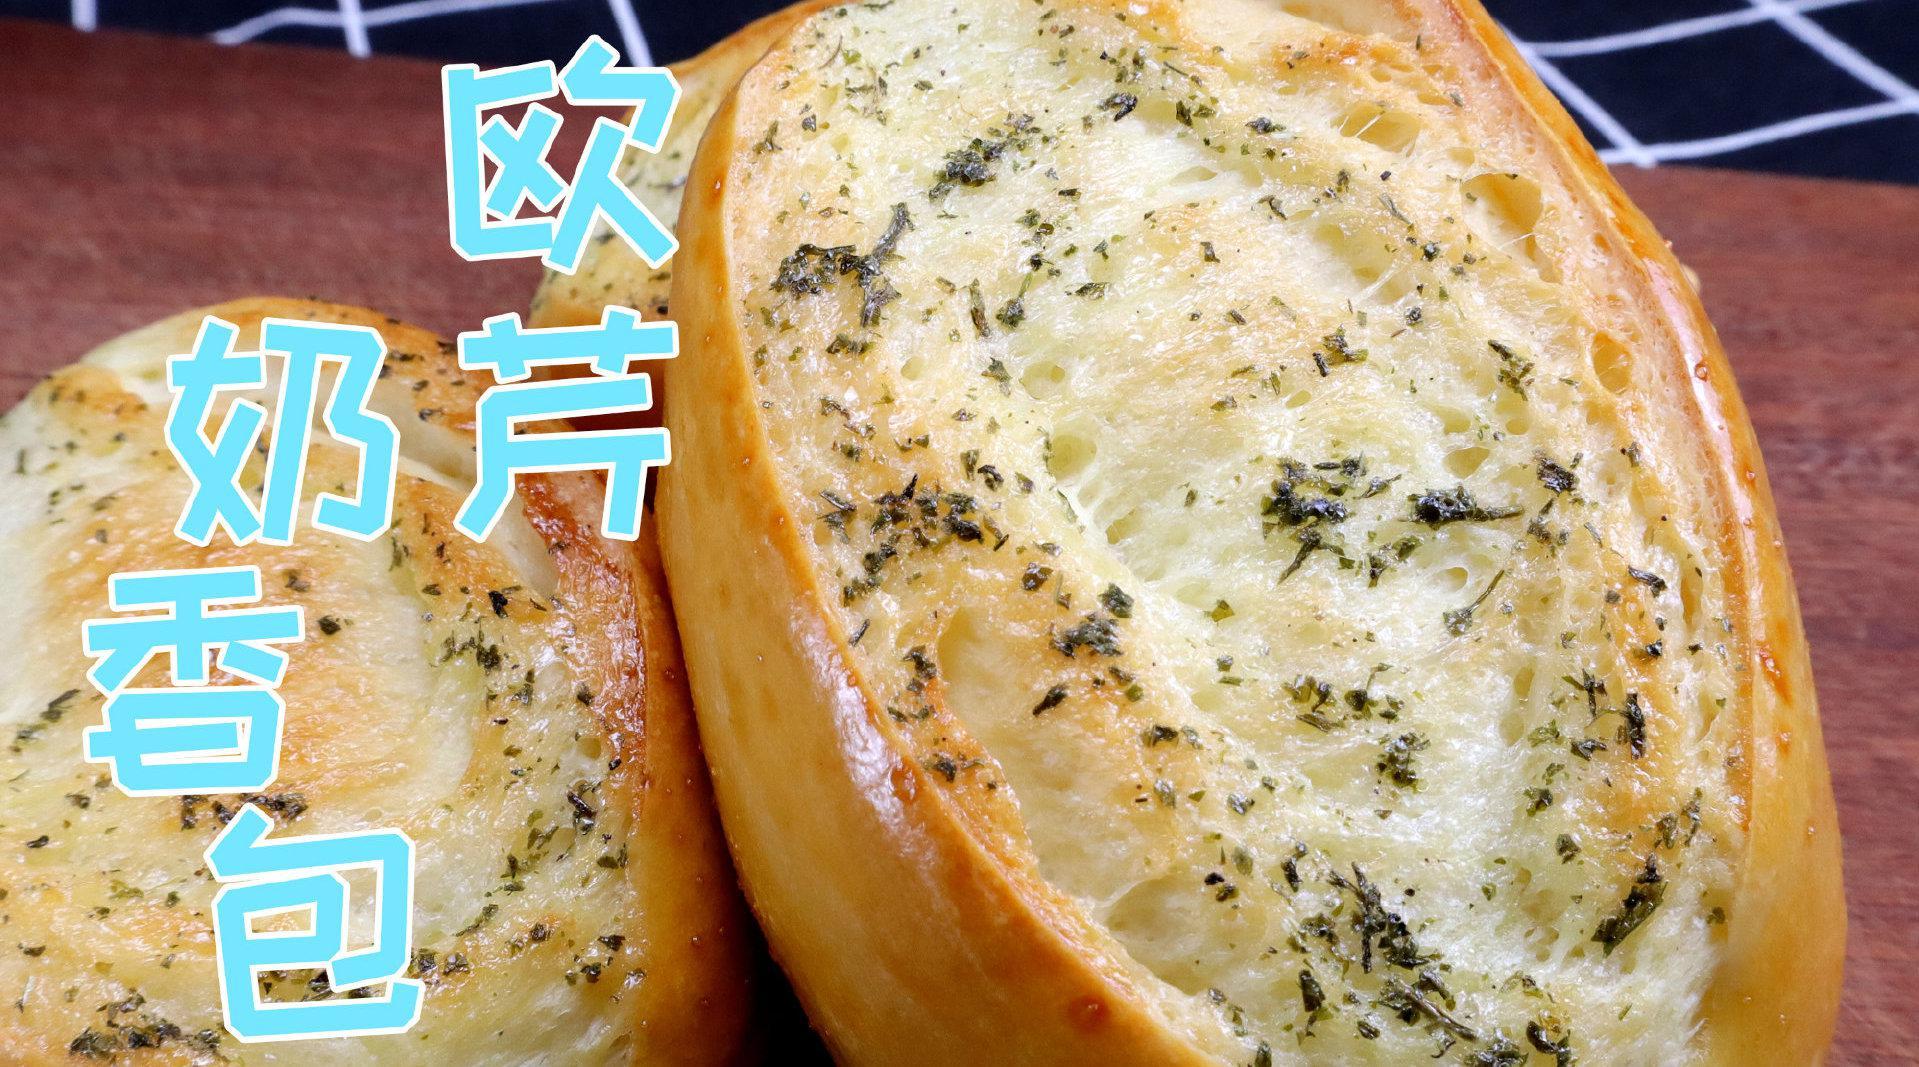 咸口的调味小餐包、揉面放奶不放水、浇上满满的欧芹黄油馅